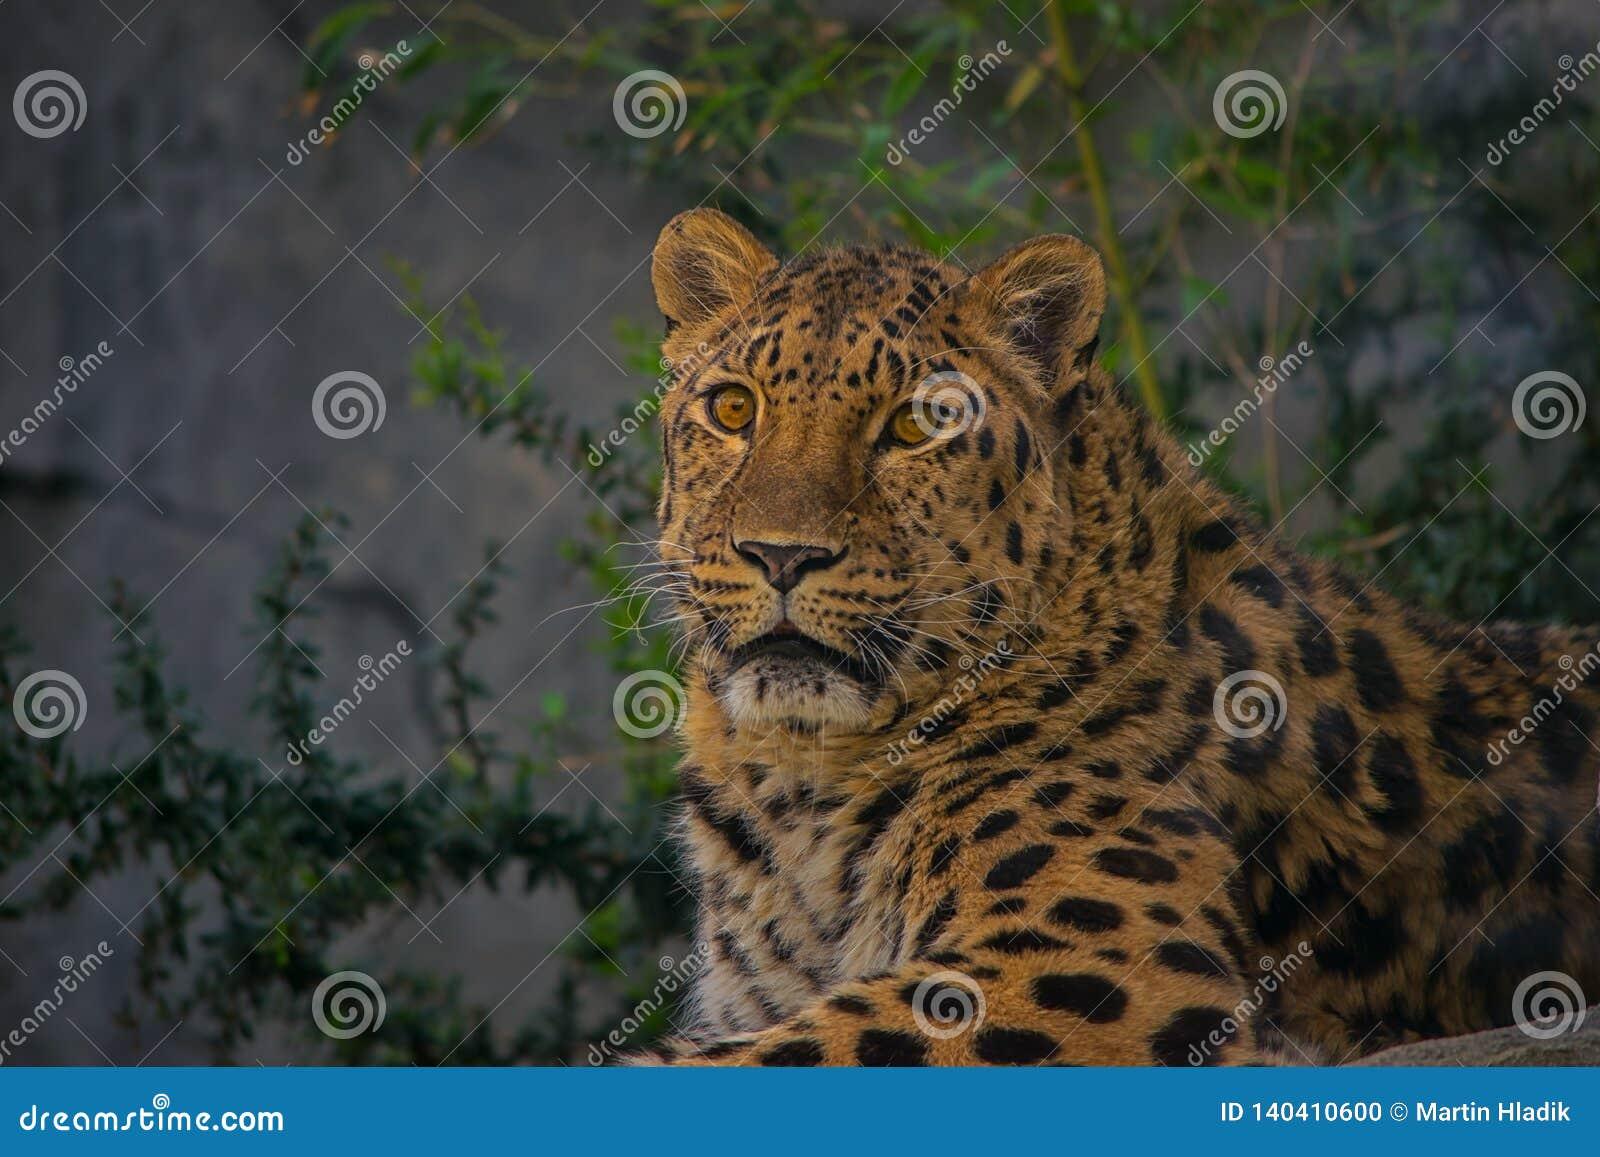 Jaguar, gato, bigcat, color, retrato